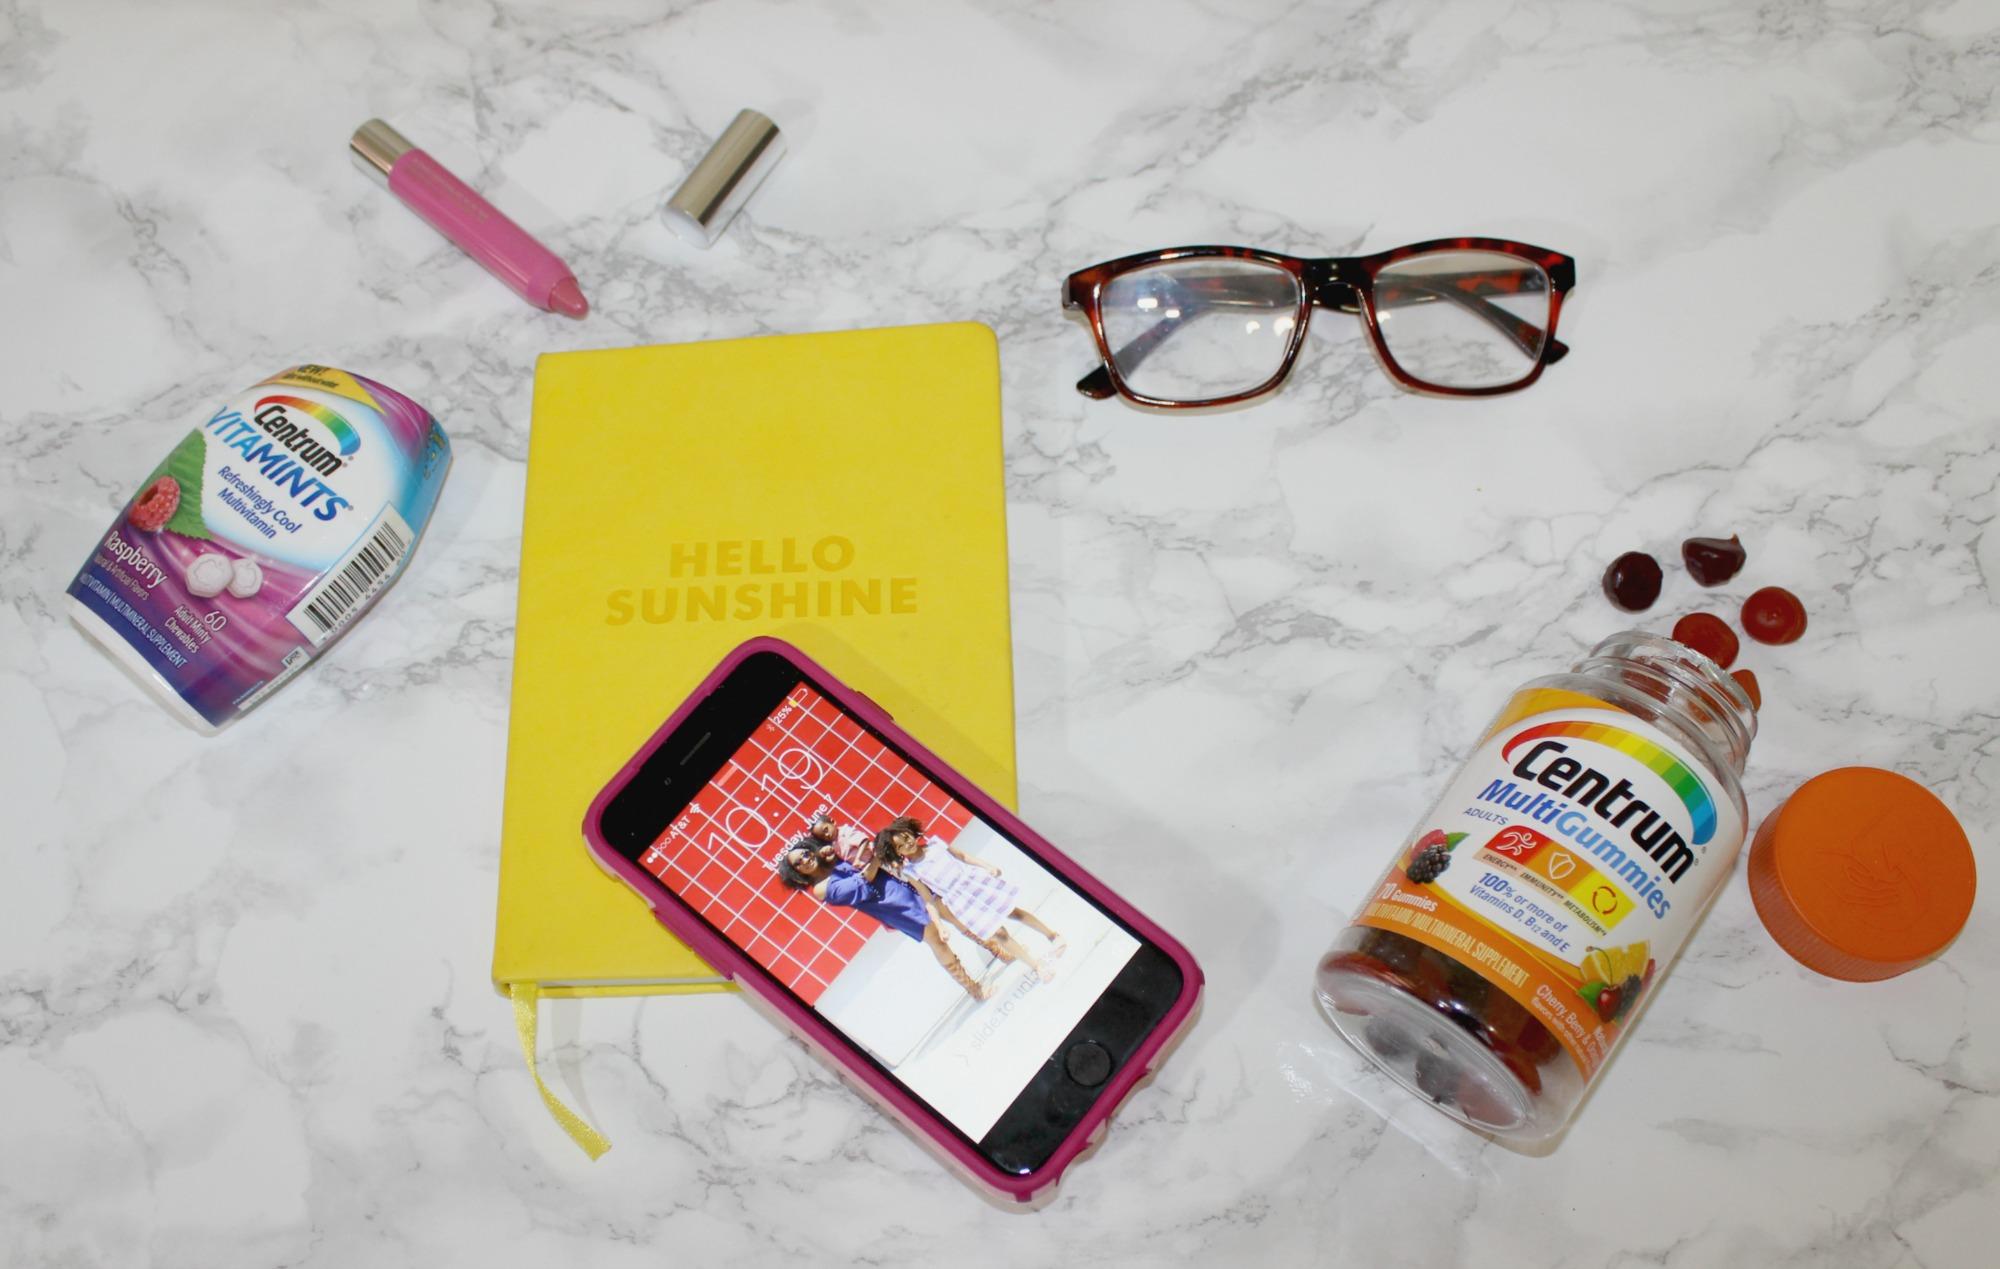 centrum-vitamins-and-gummies